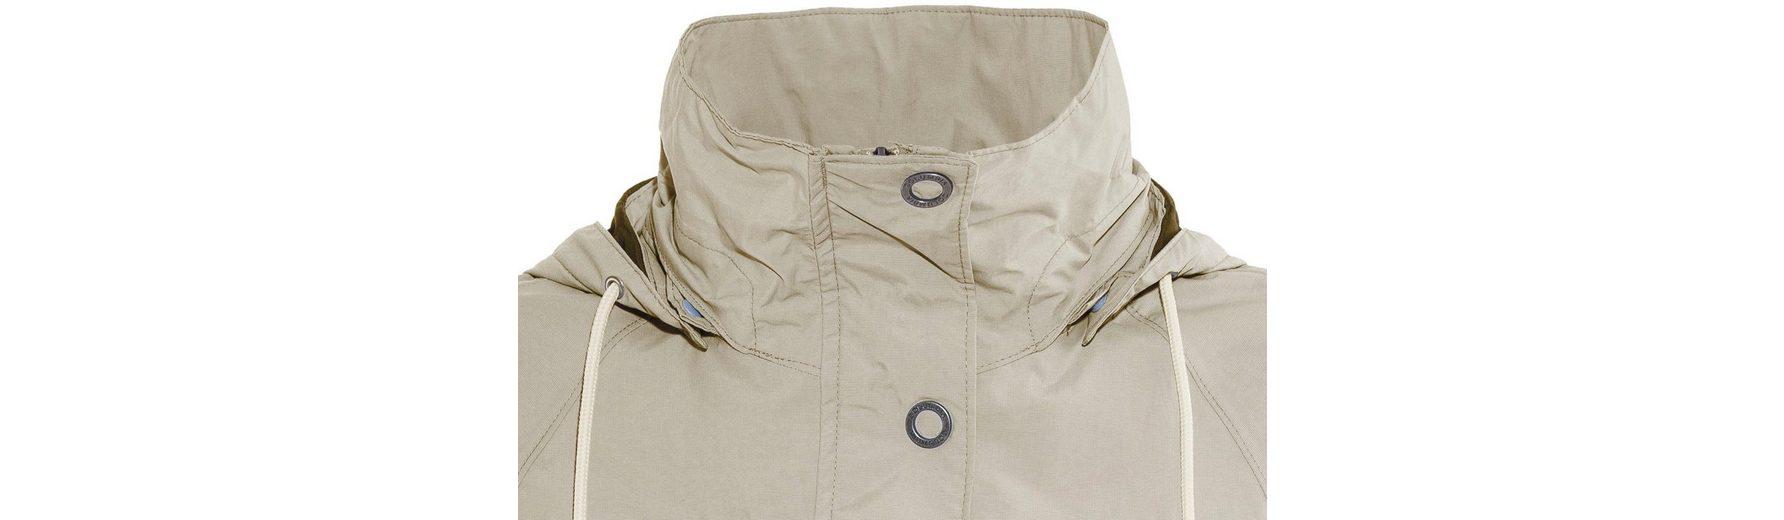 Columbia Outdoorjacke Remoteness Jacket Women Freies Verschiffen Mode-Stil Rabatte Günstig Online Ausverkaufspreise Offizielle Seite Günstig Online 2uKNcxBKV1